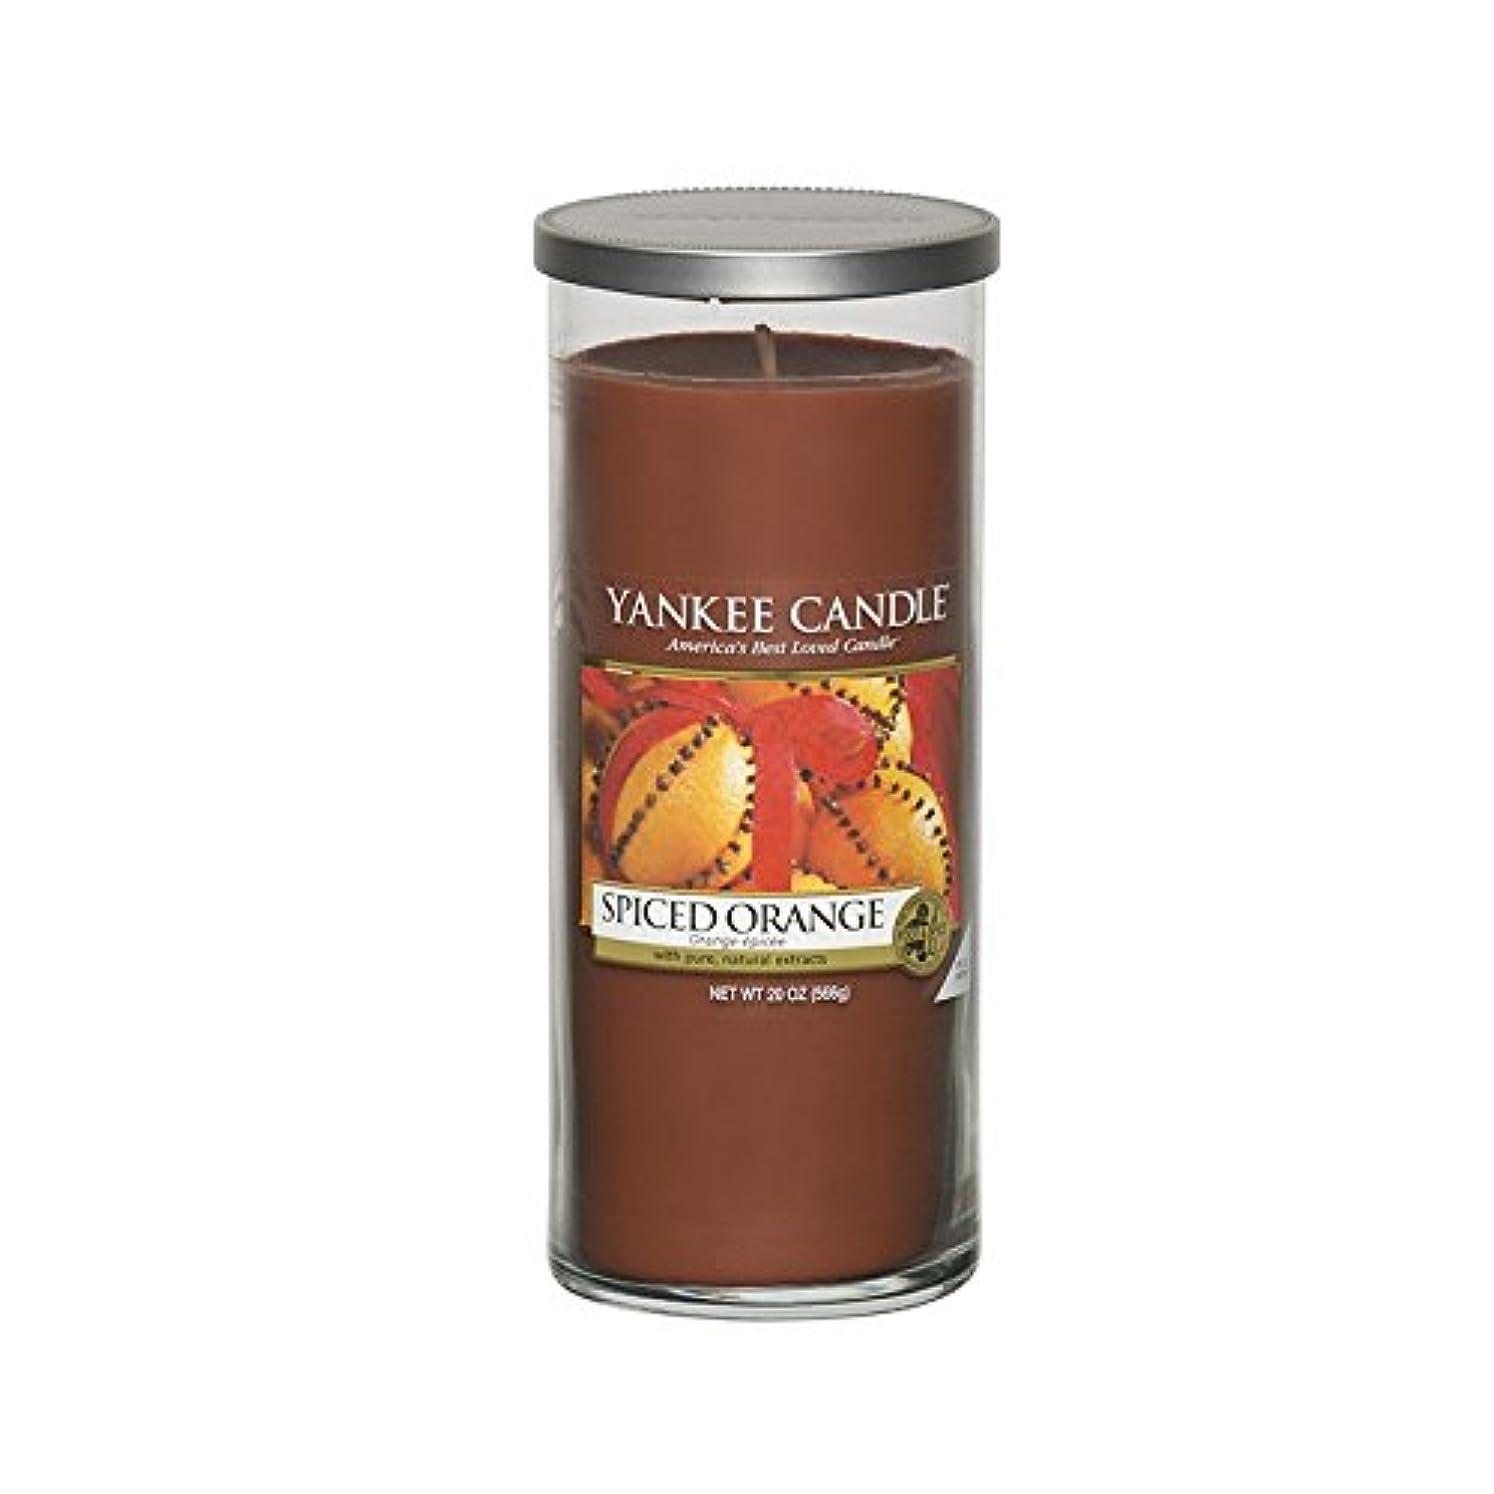 地殻ビジネス霧深いYankee Candles Large Pillar Candle - Spiced Orange (Pack of 2) - ヤンキーキャンドル大きな柱キャンドル - スパイスオレンジ (x2) [並行輸入品]